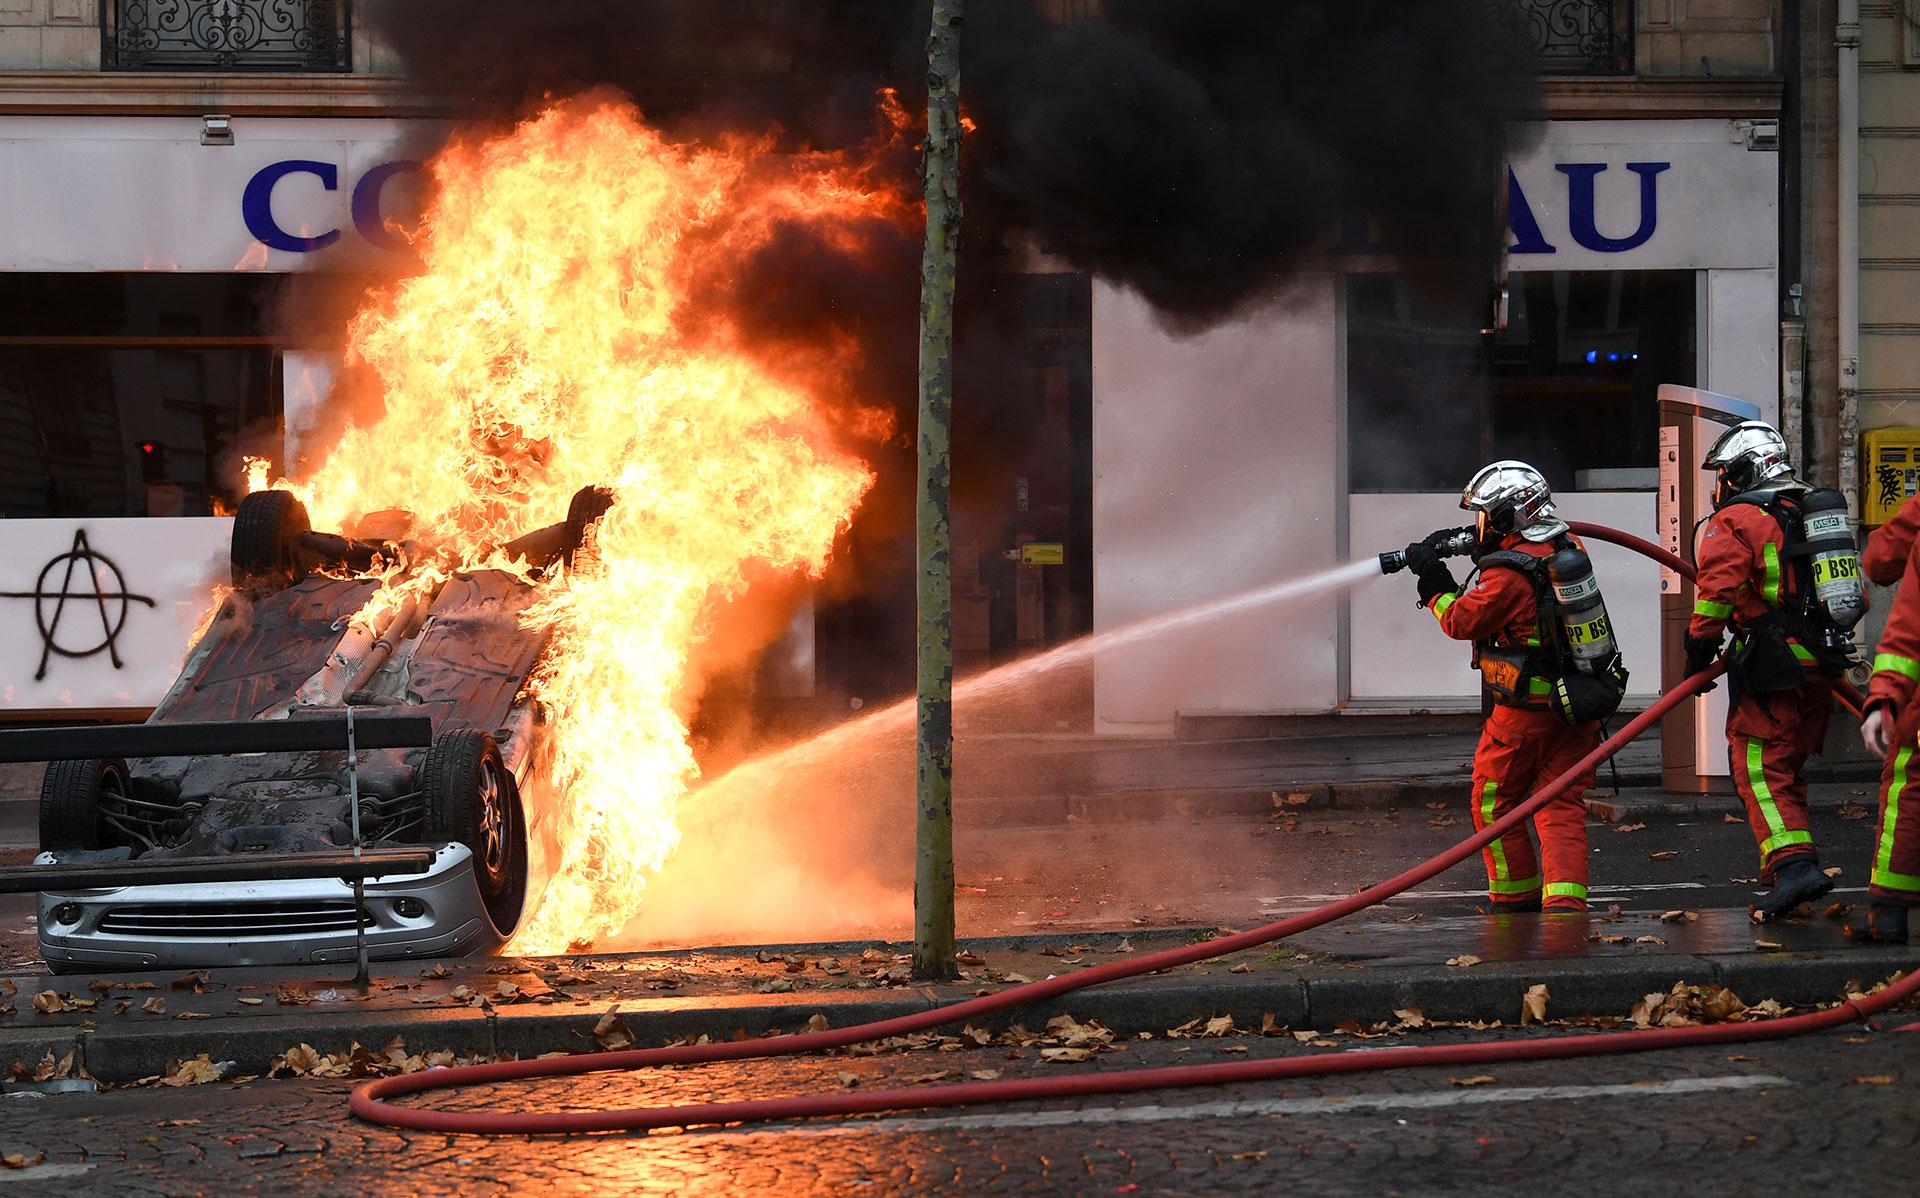 Las fuerzas de seguridad francesas habían dispersado a los manifestantes con gases lacrimógenos al inicio de la jornada (AFP)